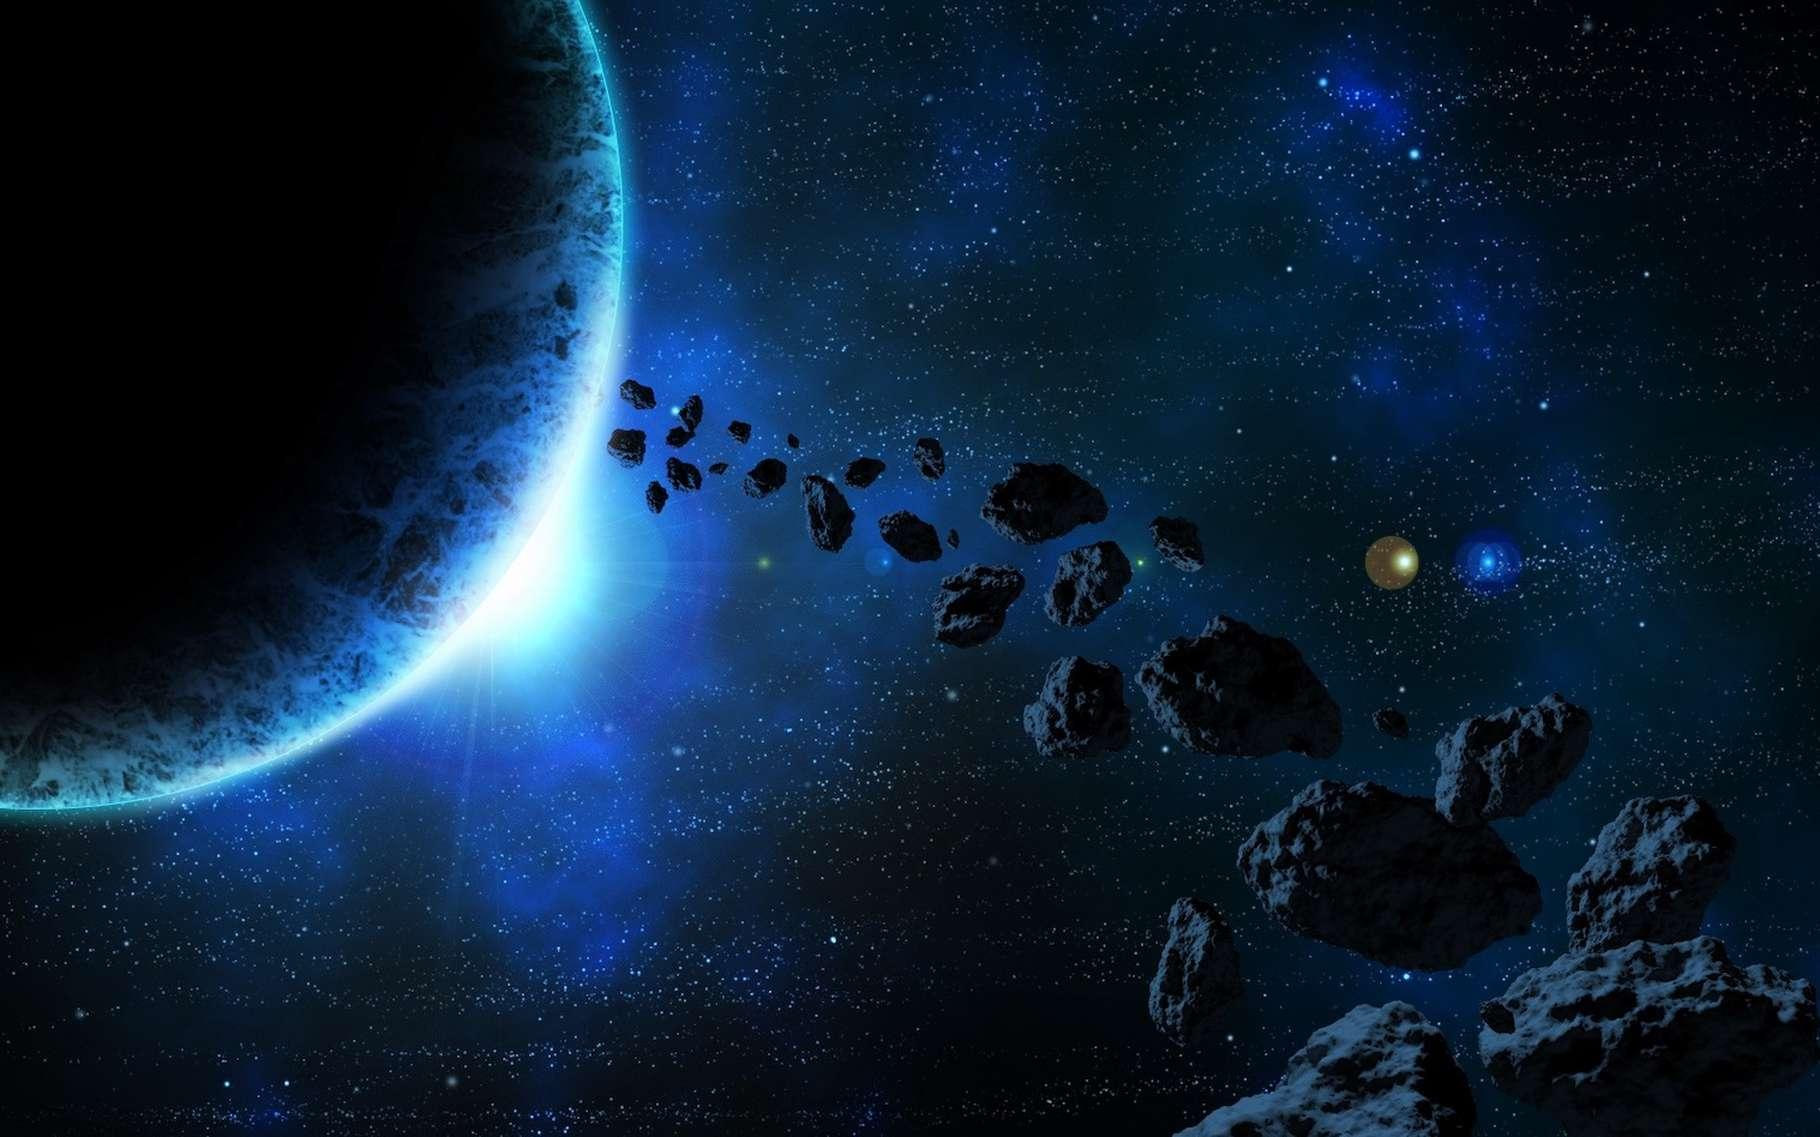 Des poussières issues de l'explosion d'un astéroïde ont modifié le climat sur Terre il y a 466 millions d'années. Le climat et la vie ! © UKT2, Pixabay License